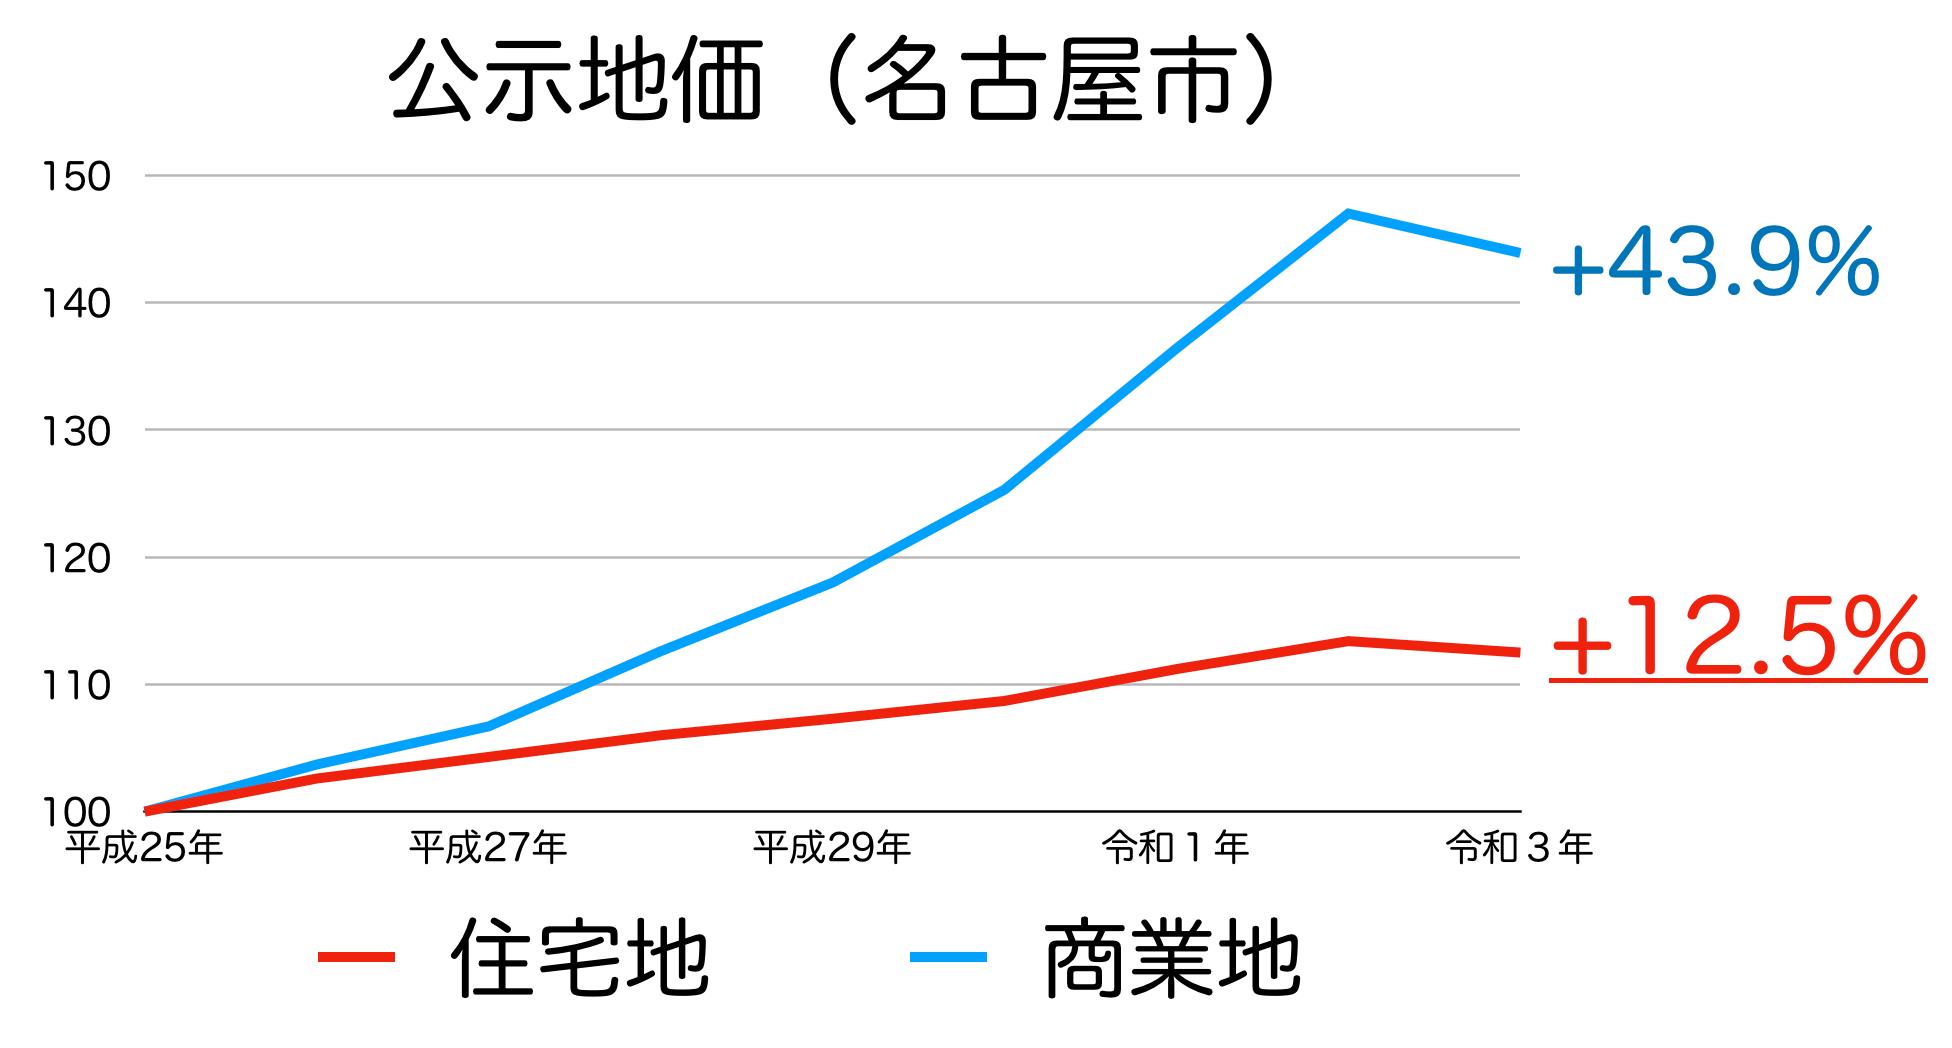 名古屋市の公示地価の推移